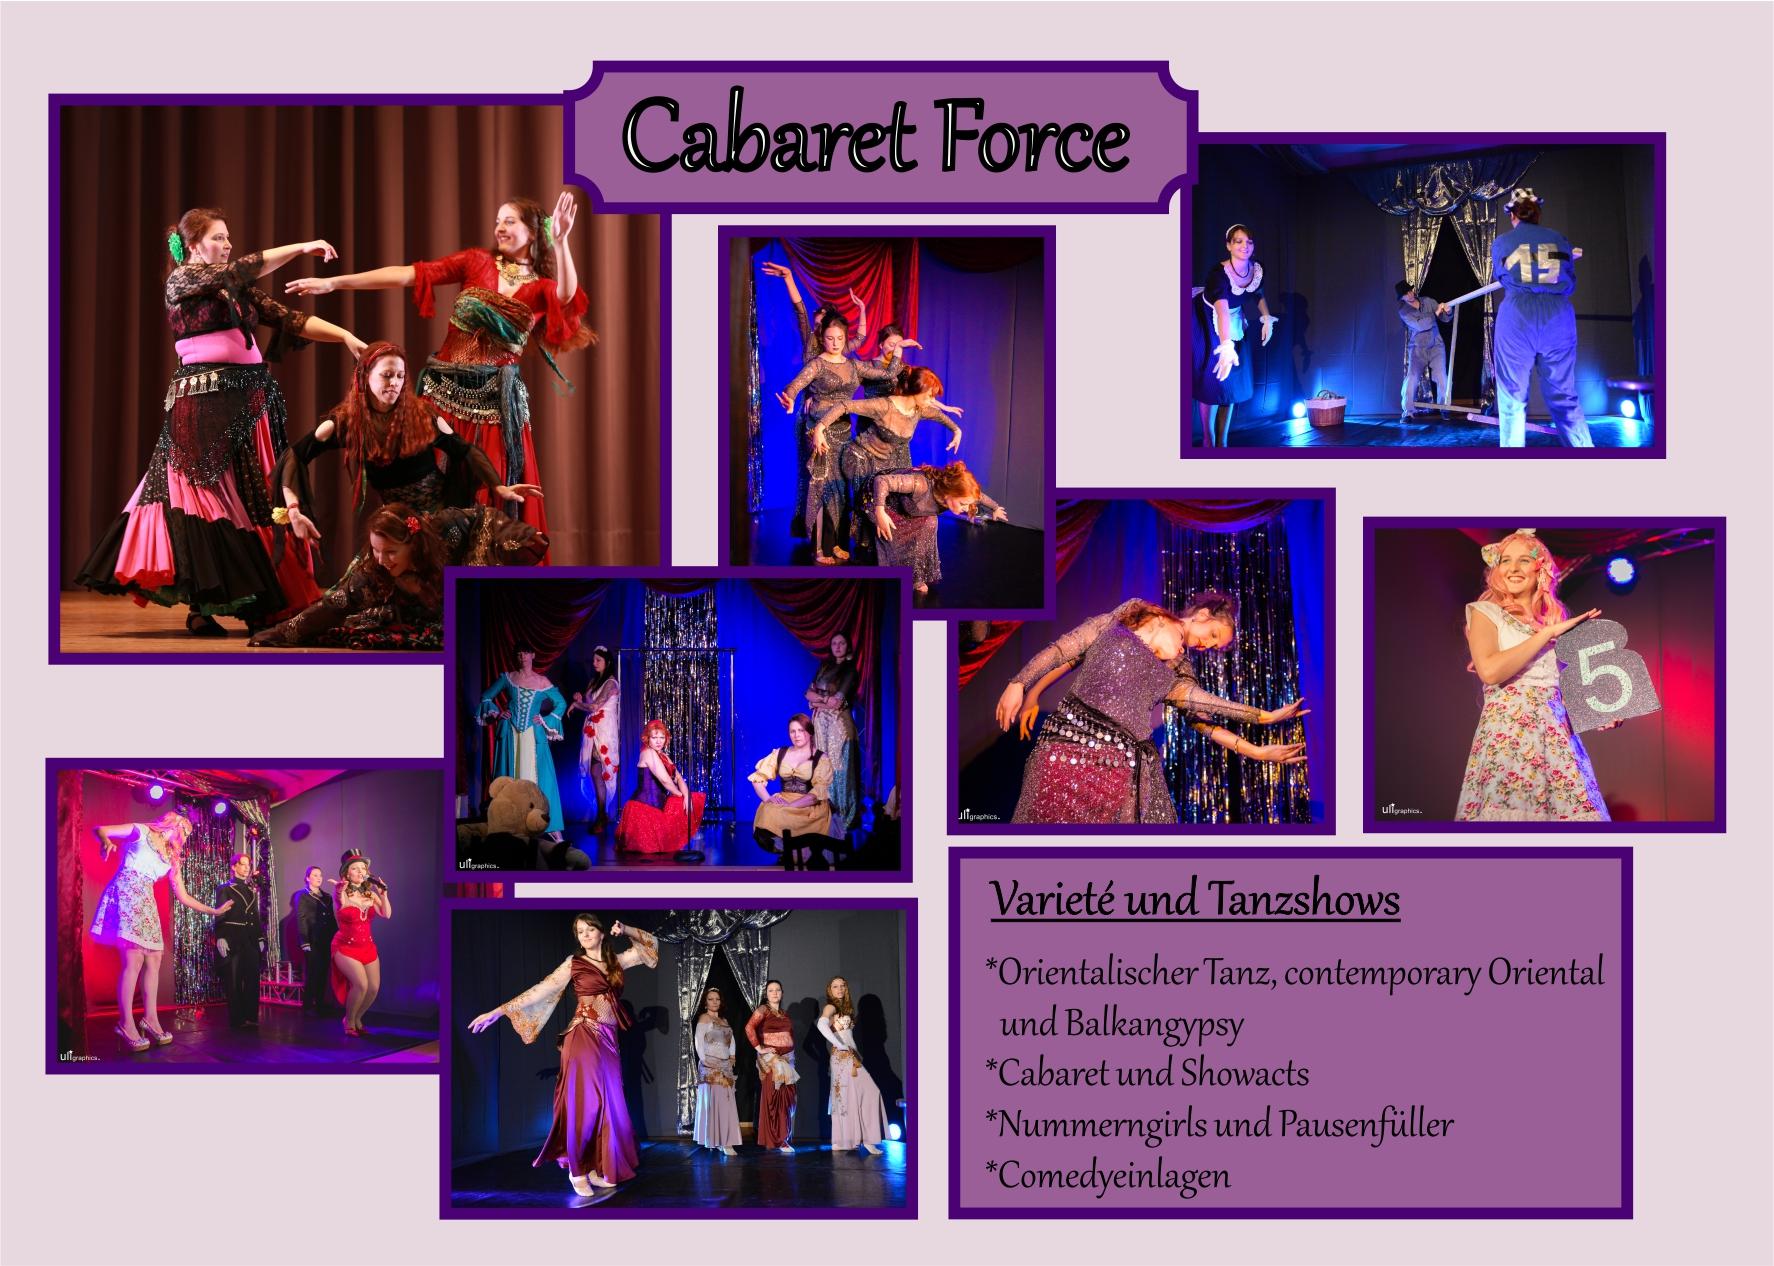 Unser Repertoire reicht vom orientalischen Tanz, contemporary Oriental und Gypsytänzen über gesungene Showacts bis hin zu gespielten Showeinlagen, zum Beispiel als Pausenfüller.